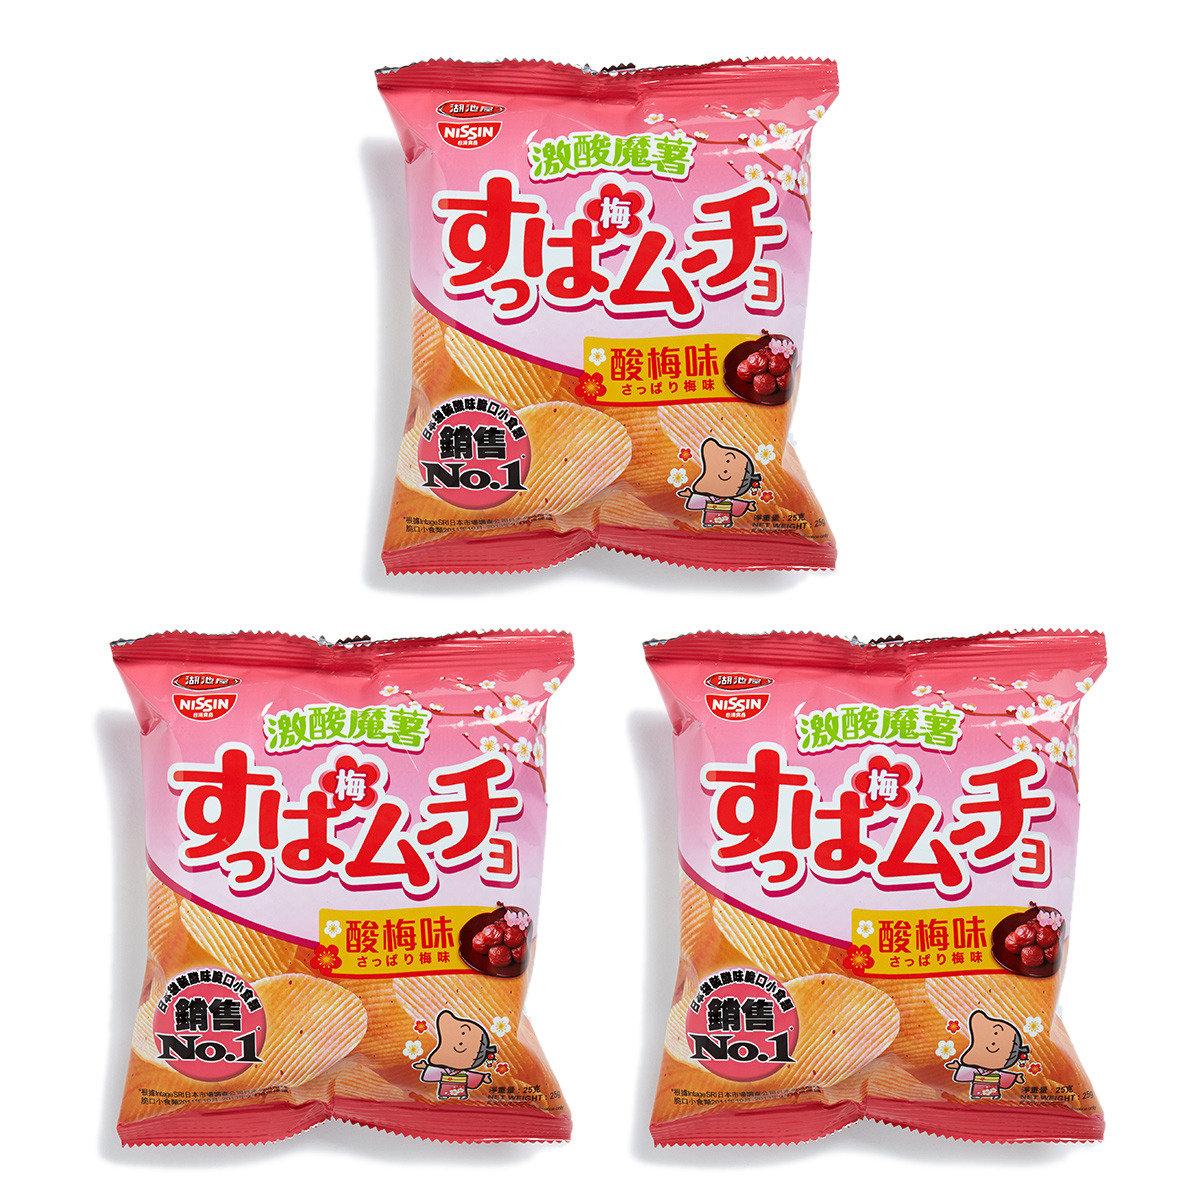 湖池屋激酸魔薯酸梅味薯片 (小)